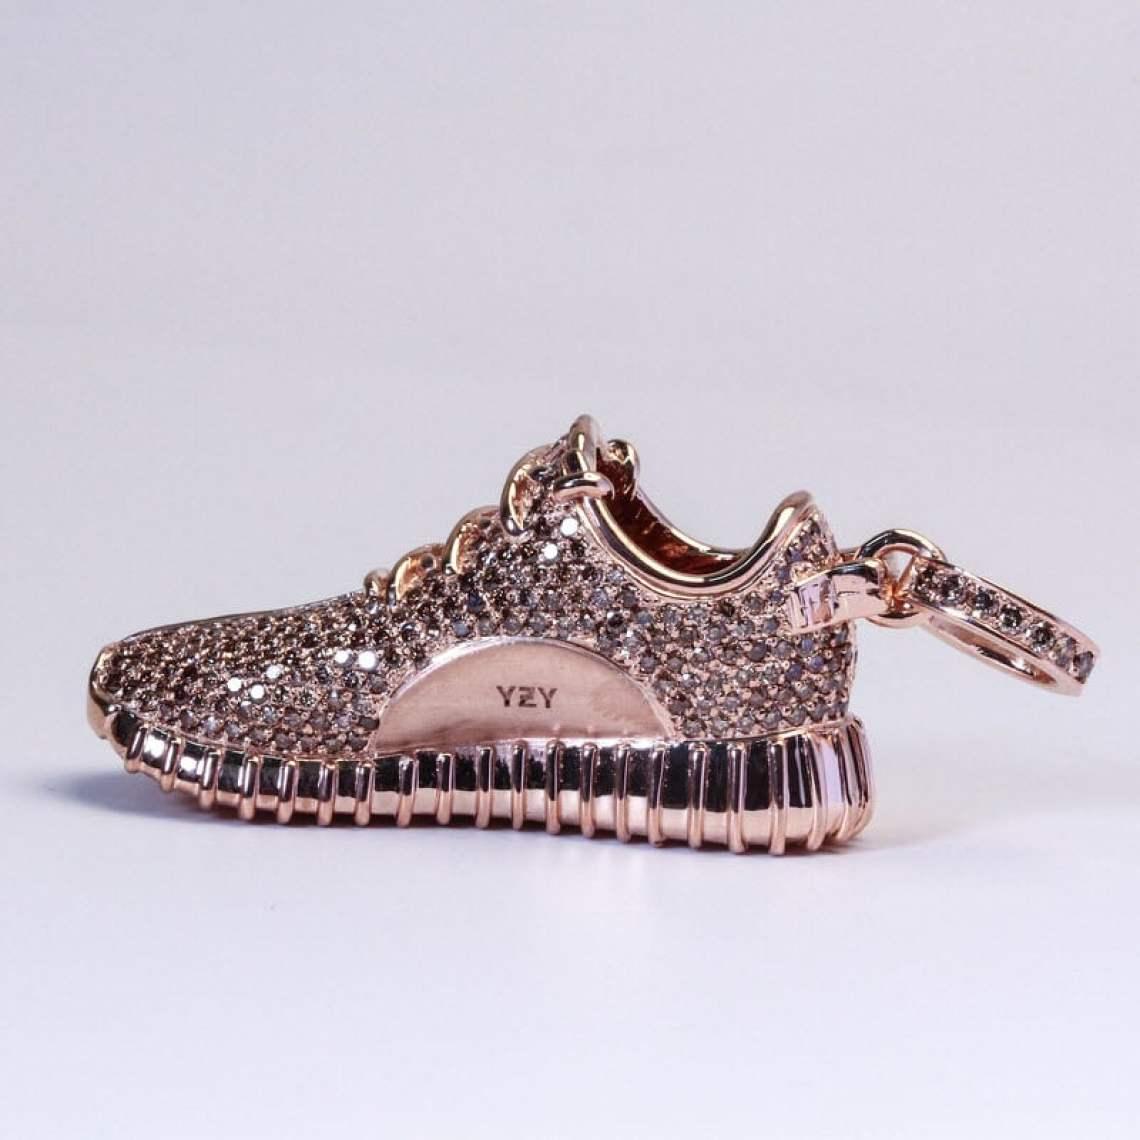 Ben Baller S Shoes